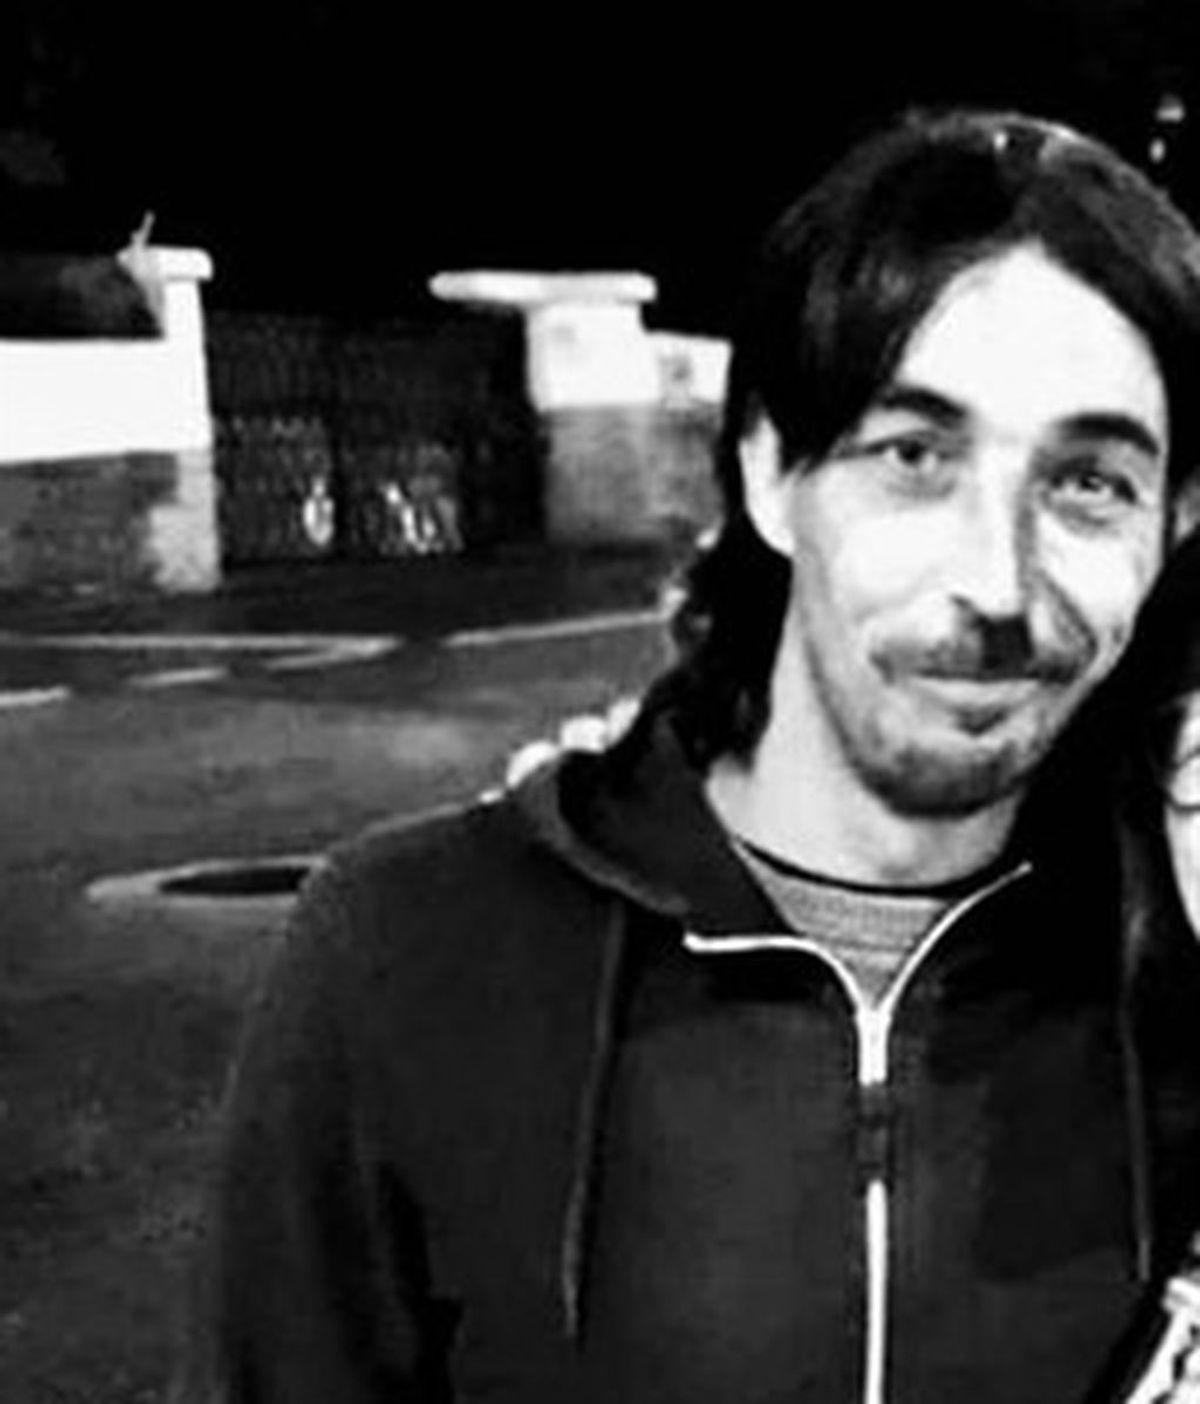 Buscan a Diego García Peláez, un gijonés de 38 años desaparecido desde el 7 de agosto